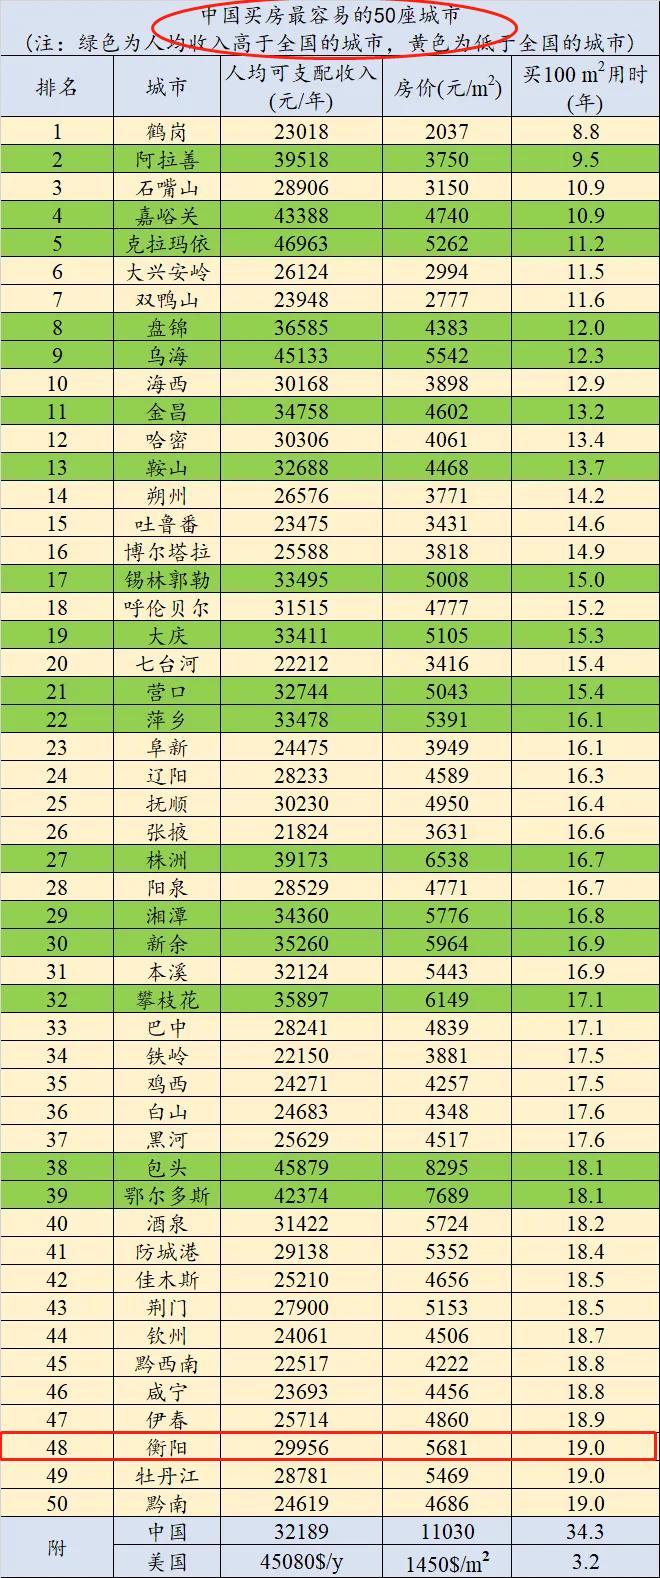 多盘下证!蒸湘某盘备案价最高达11080元/㎡,下证5天已售出近60套...